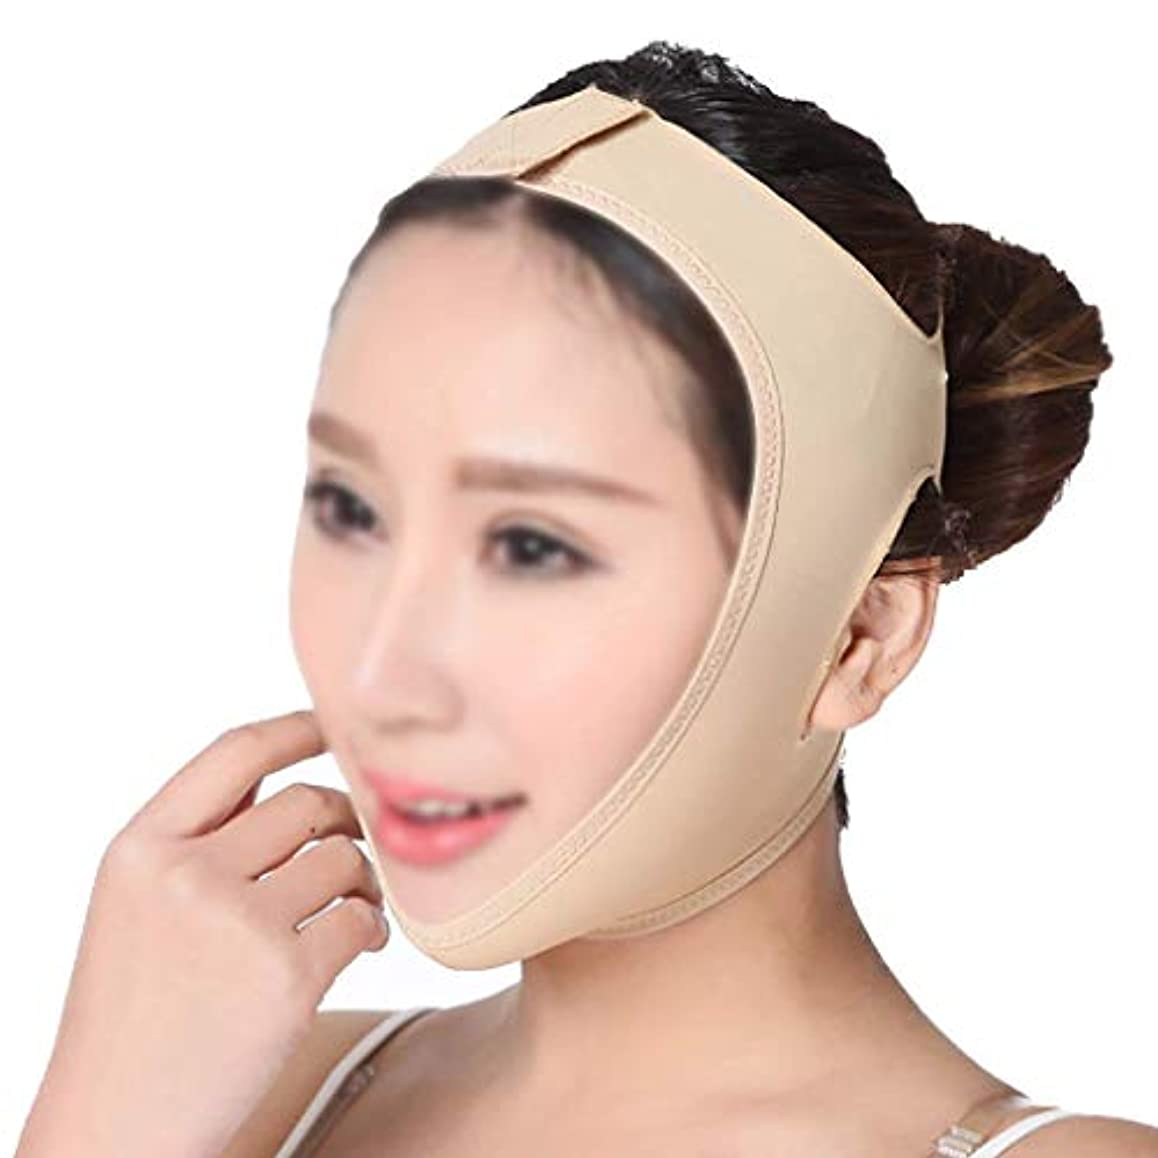 気性歯痛退屈フェイスリフティング包帯、Vフェイスインストゥルメントフェイスマスクアーティファクト引き締めマスク手動フェイシャルマッサージャー通気性肌のトーン(サイズ:xl),S